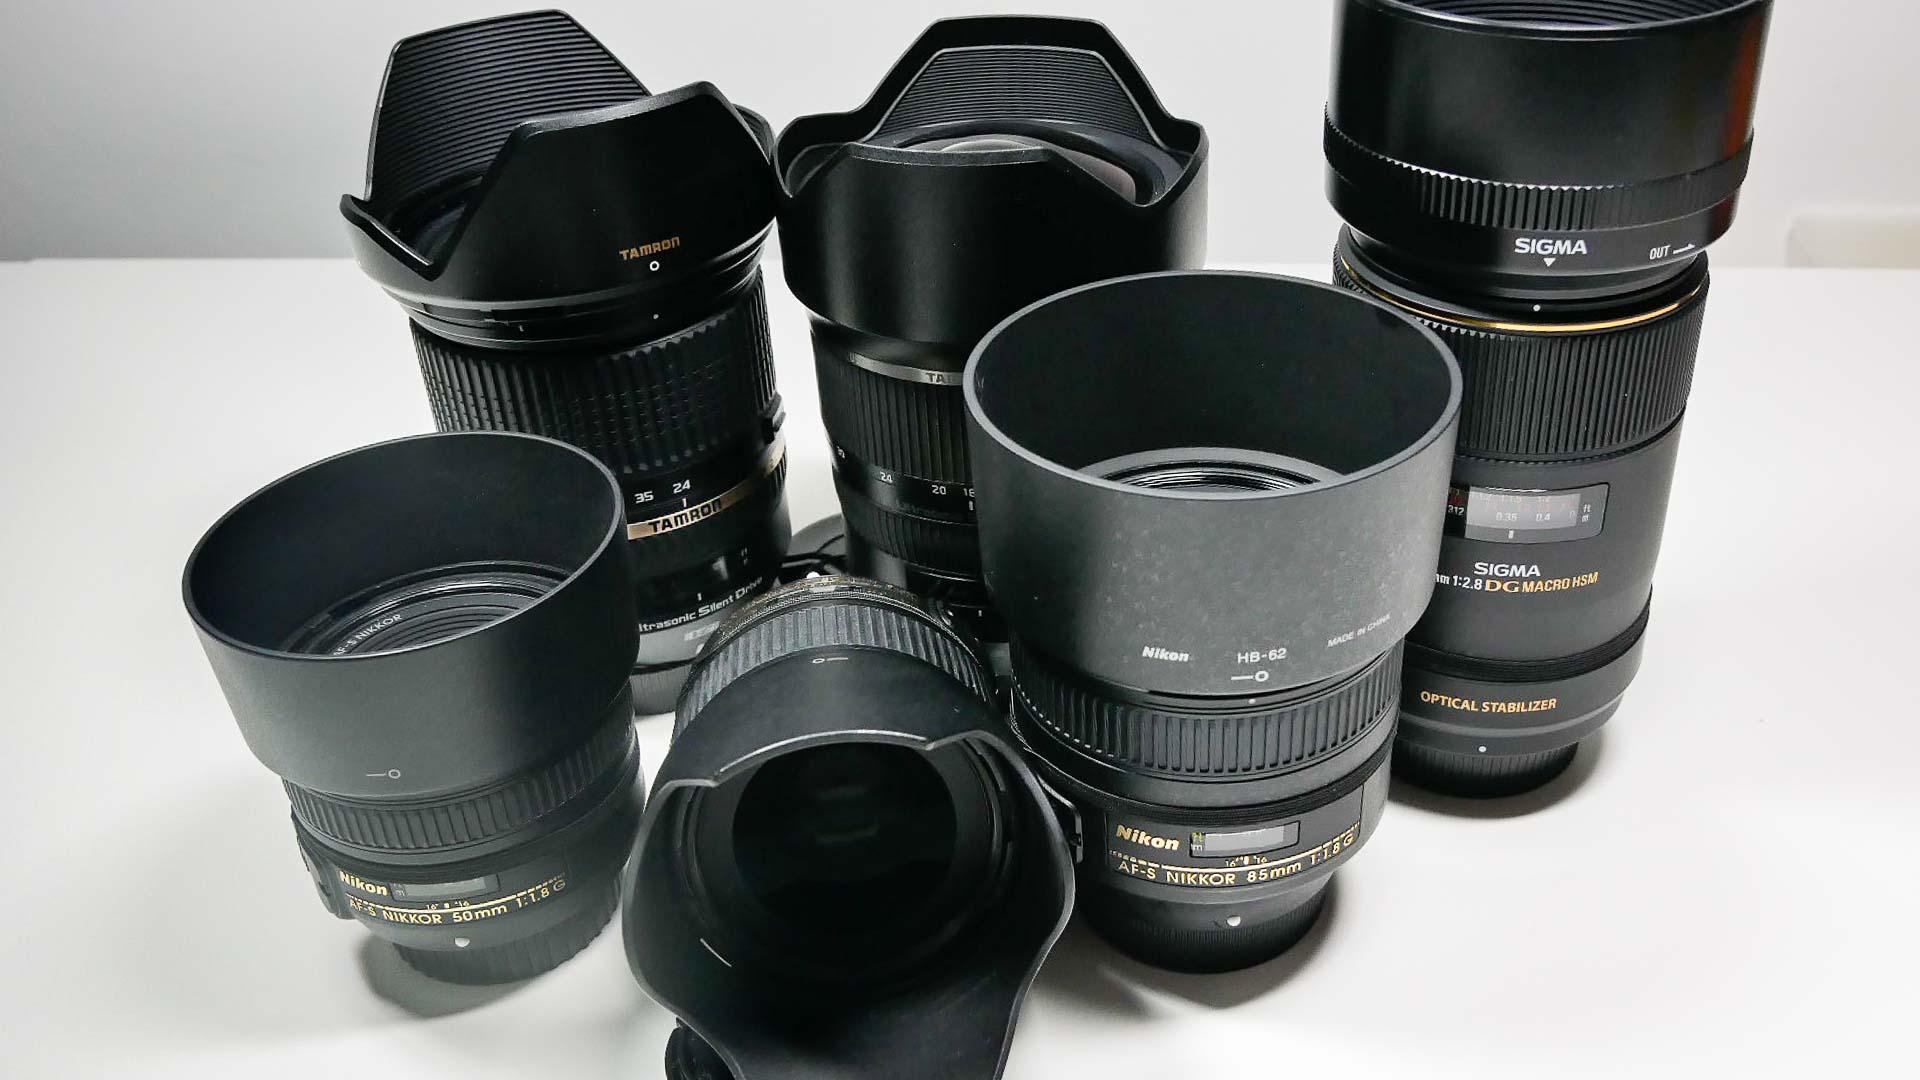 Festbrennweiten für Nikon APS C, meine Empfehlung.